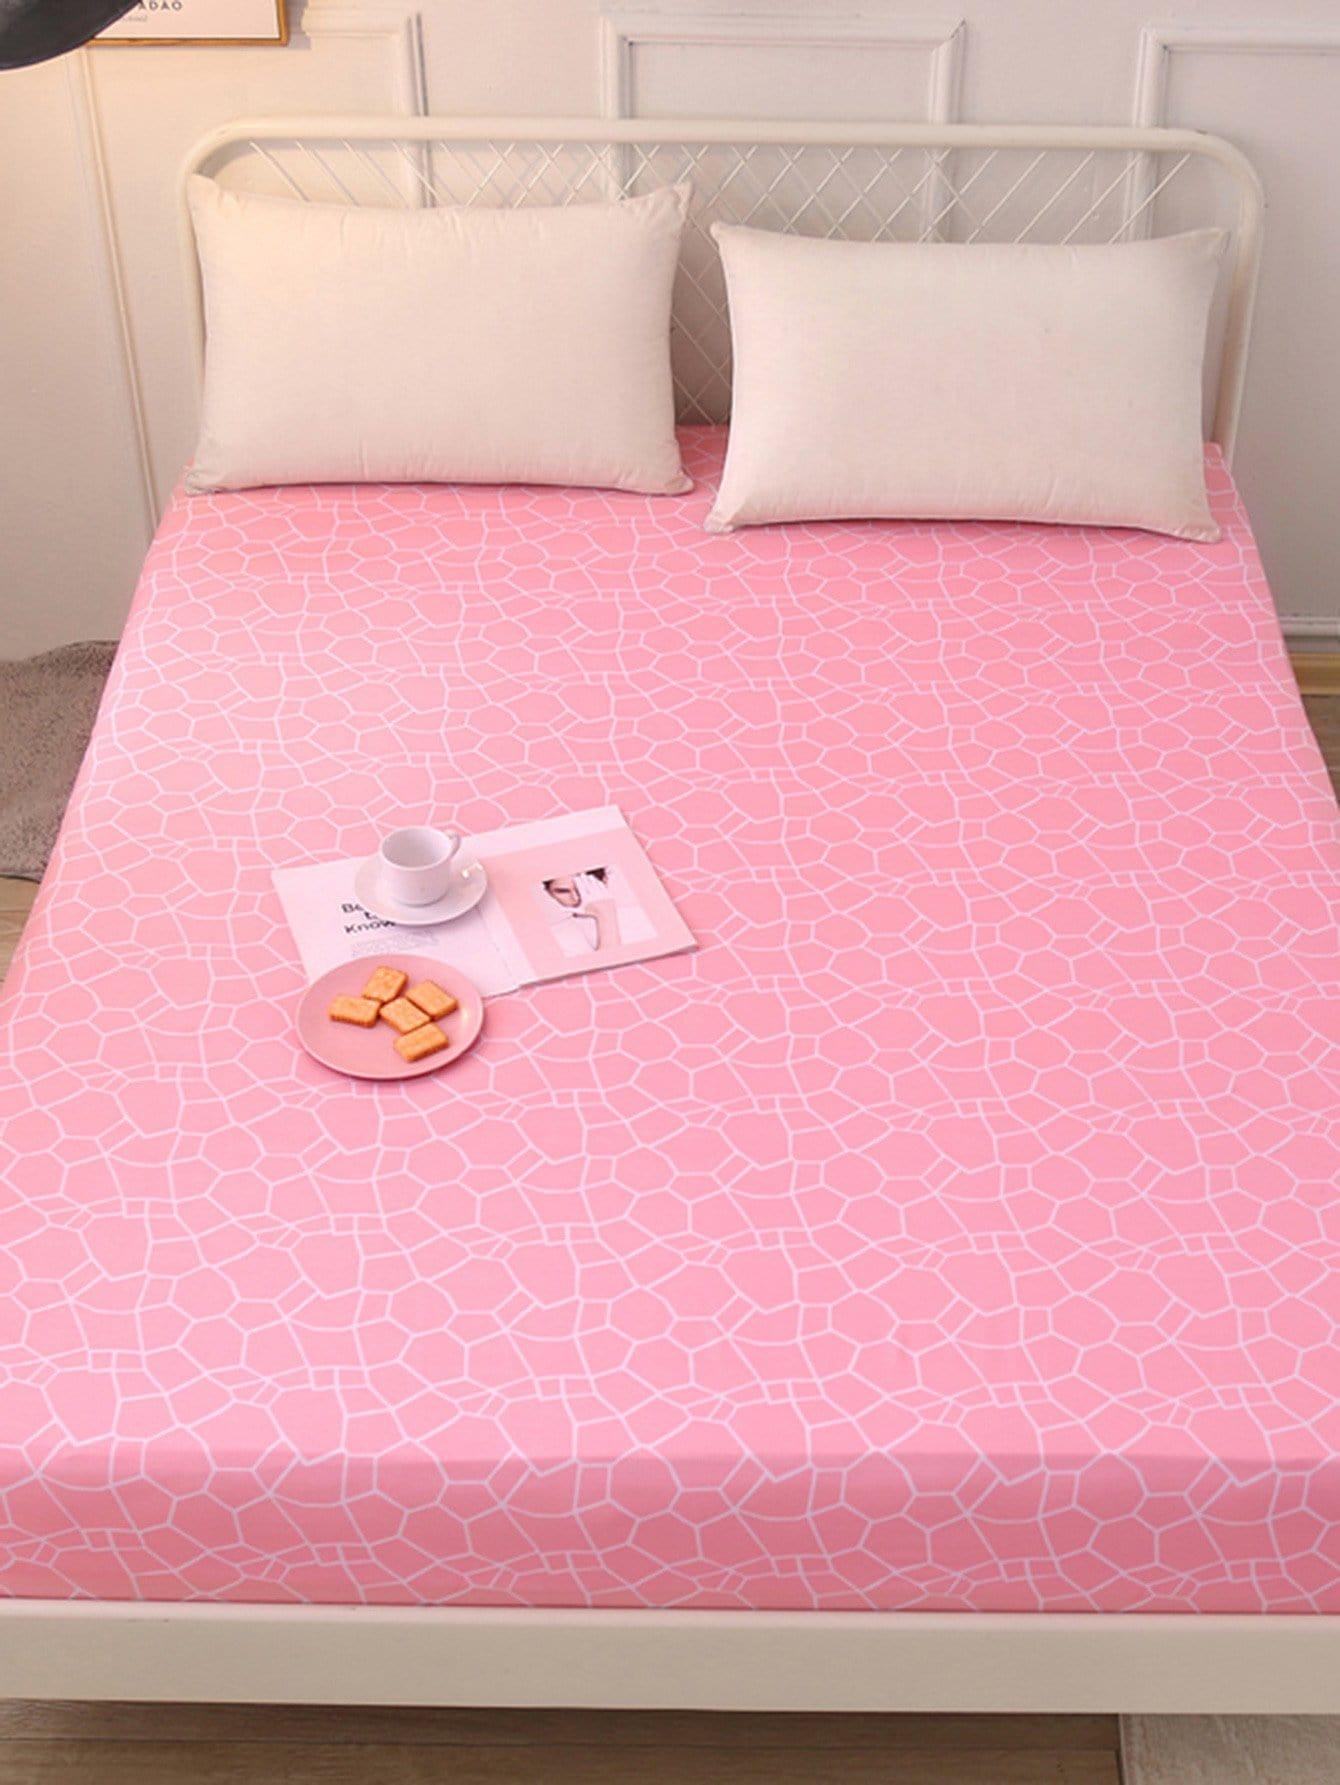 Купить Удобное постельное бельё с рисунками геометрических фигур 1 шт, null, SheIn